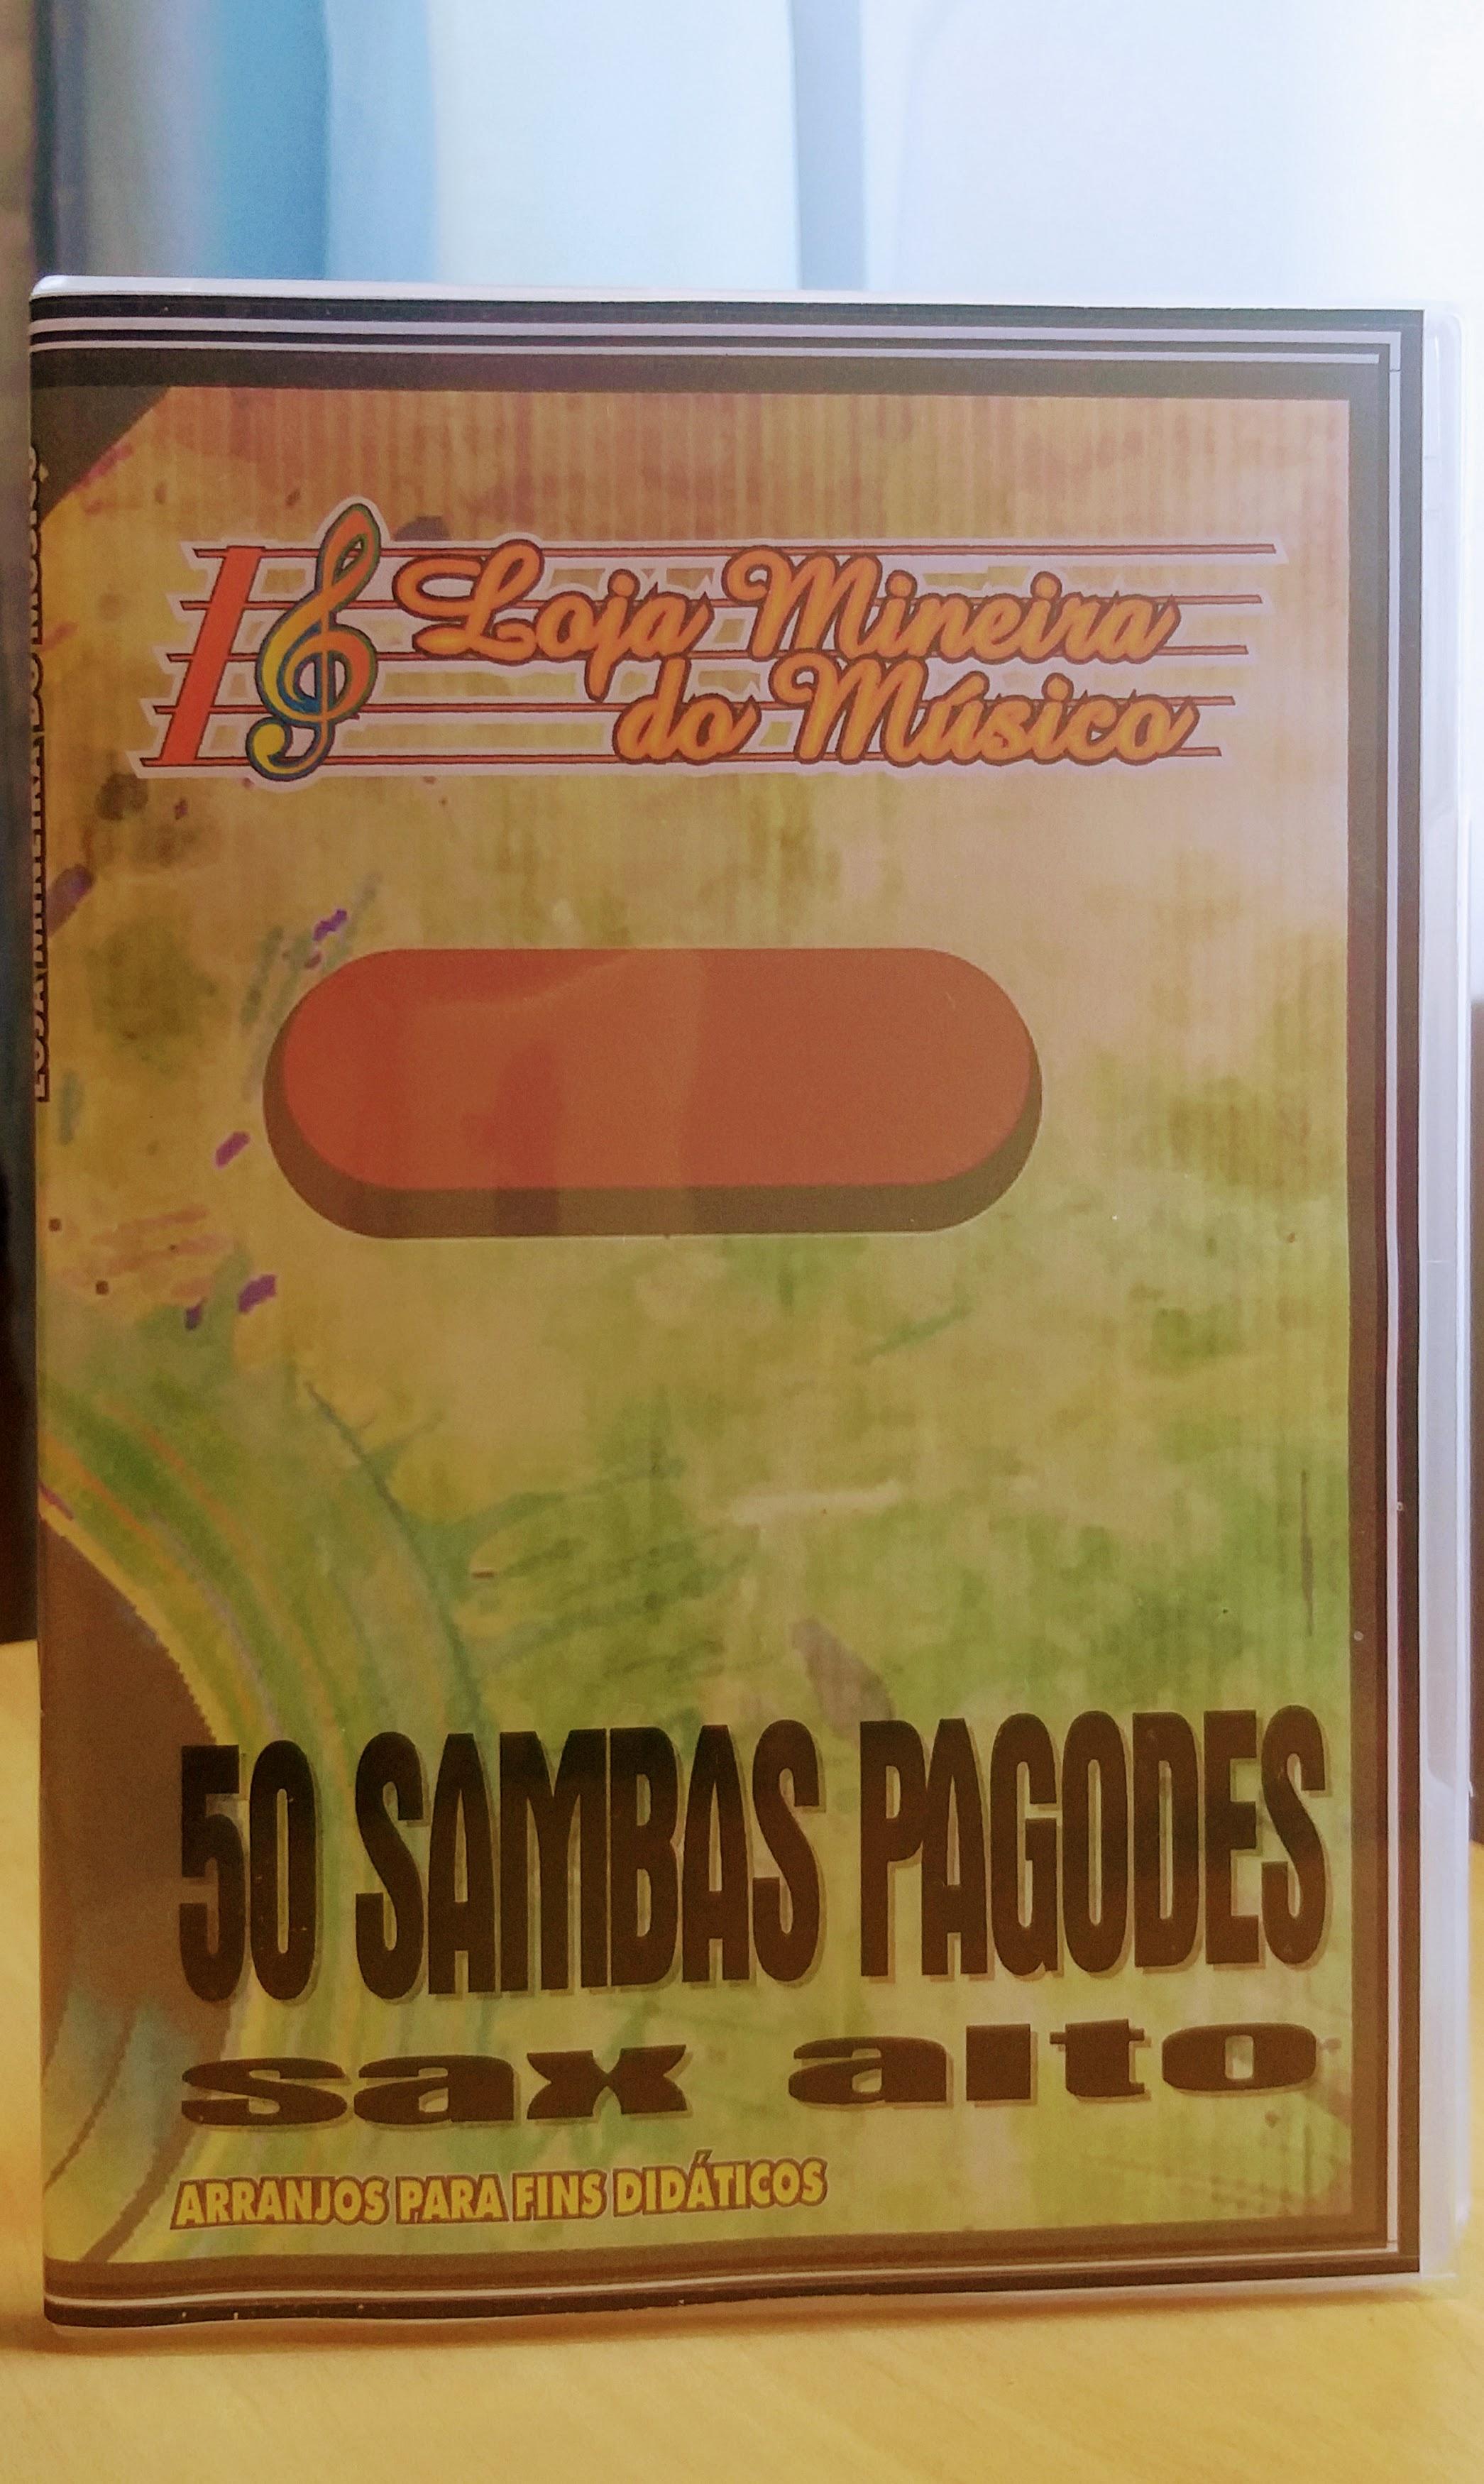 partituras pagode pdf  partitura pagode 2019  partituras sax alto pdf grátis  partituras de samba pdf